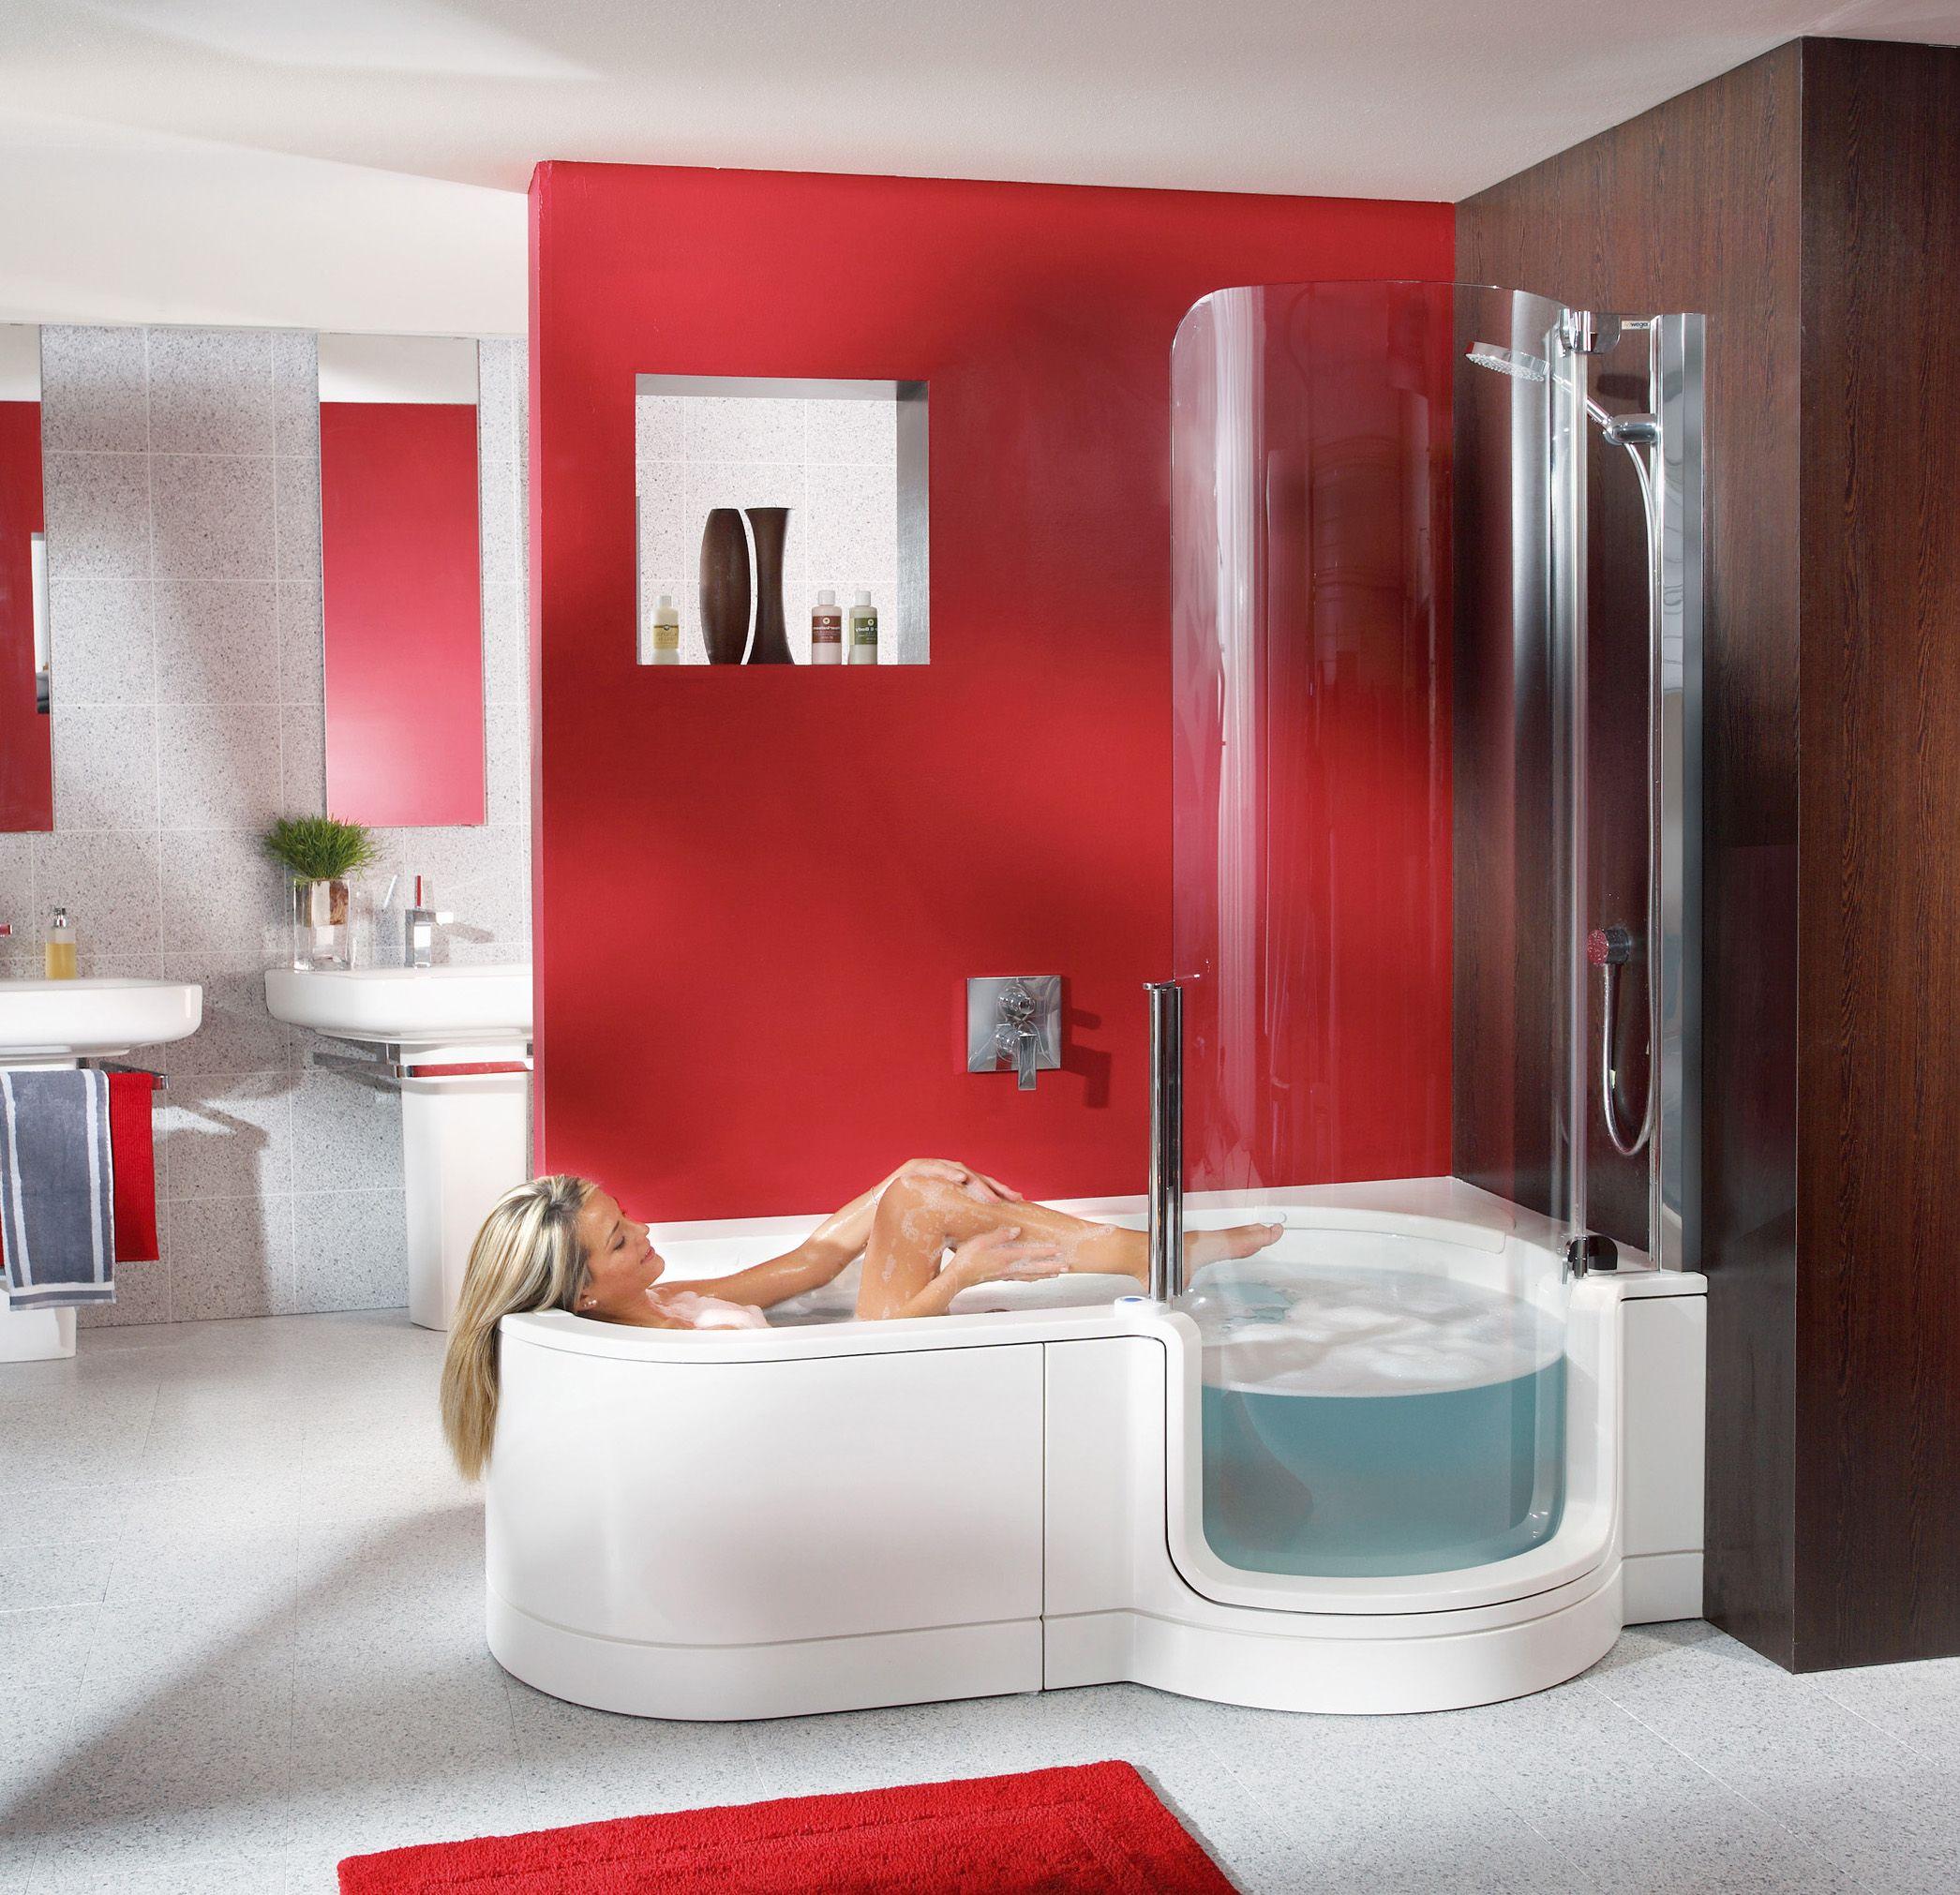 Farbe Rot | Color red. Barrierefreie Badewanne & Dusche von Artweger ...